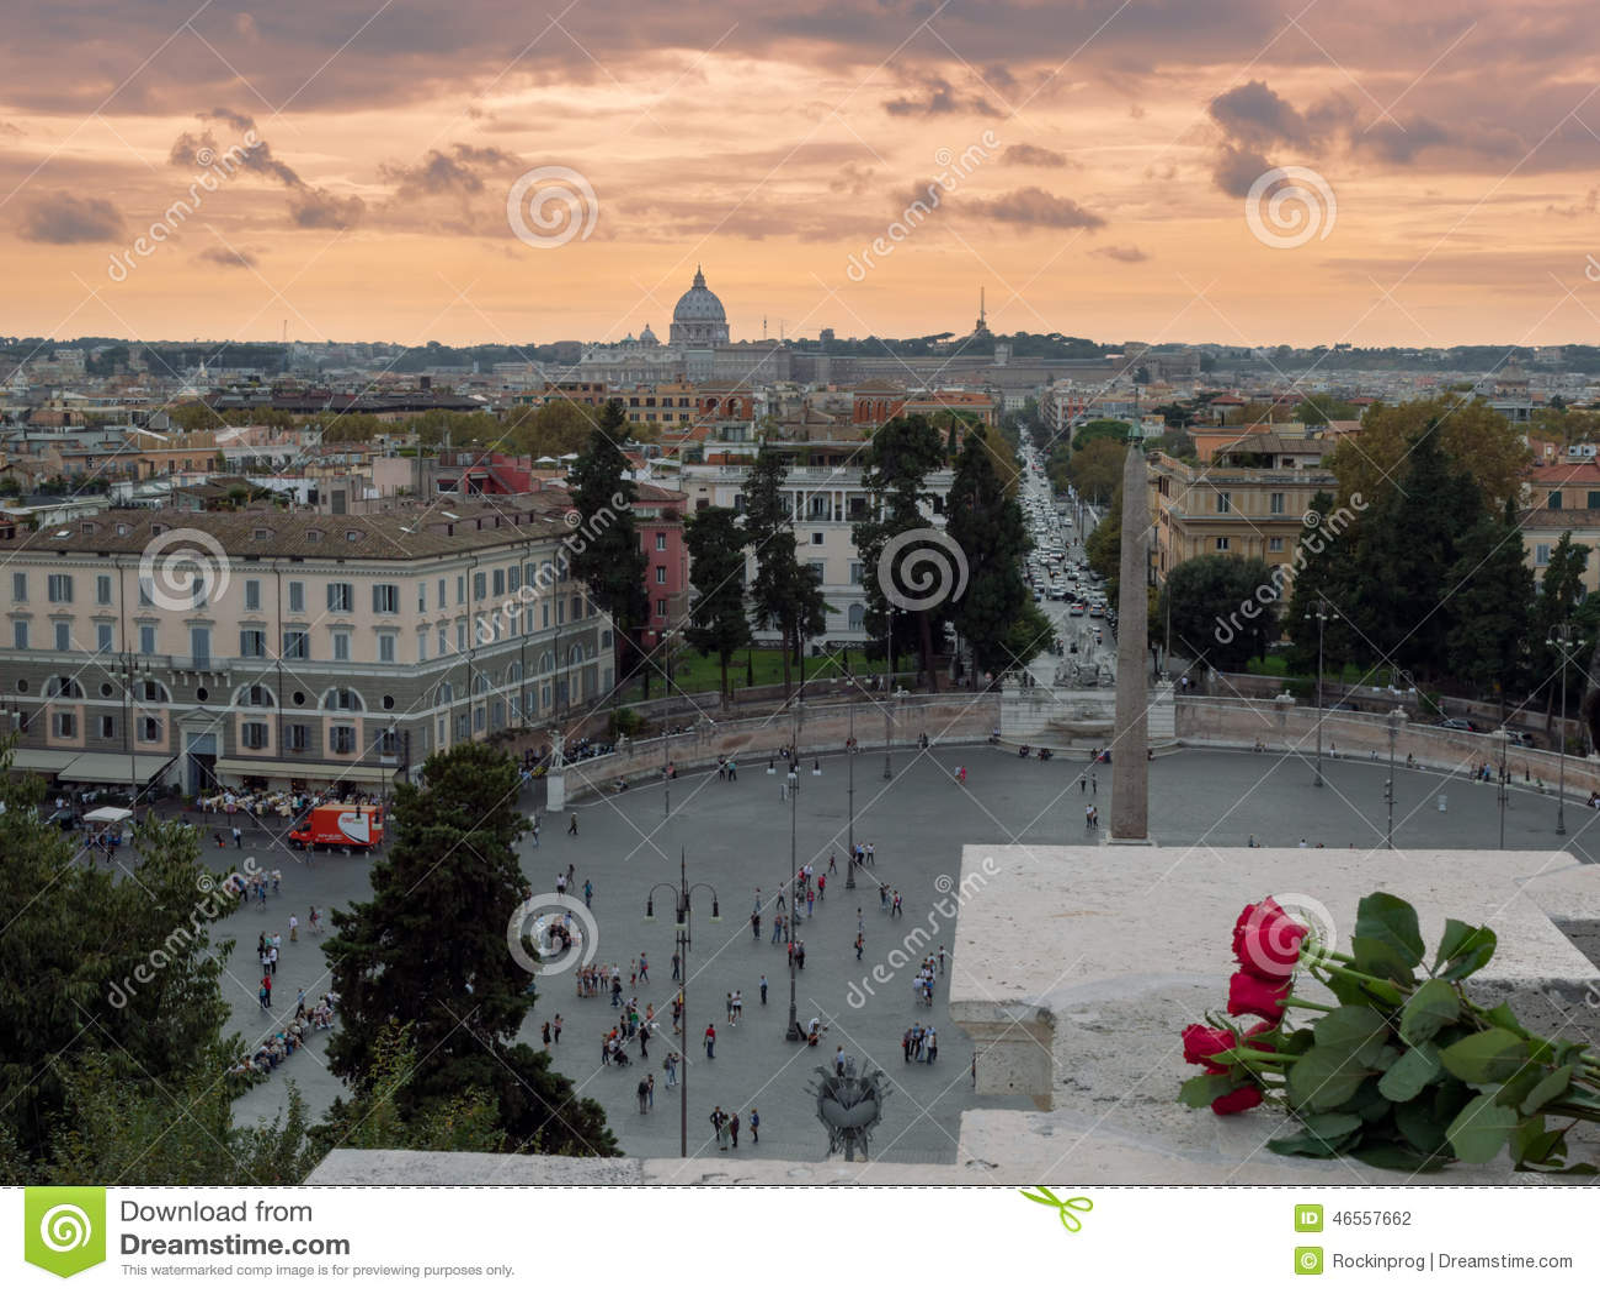 Terrazza del Pincio fotografia editoriale Immagine di